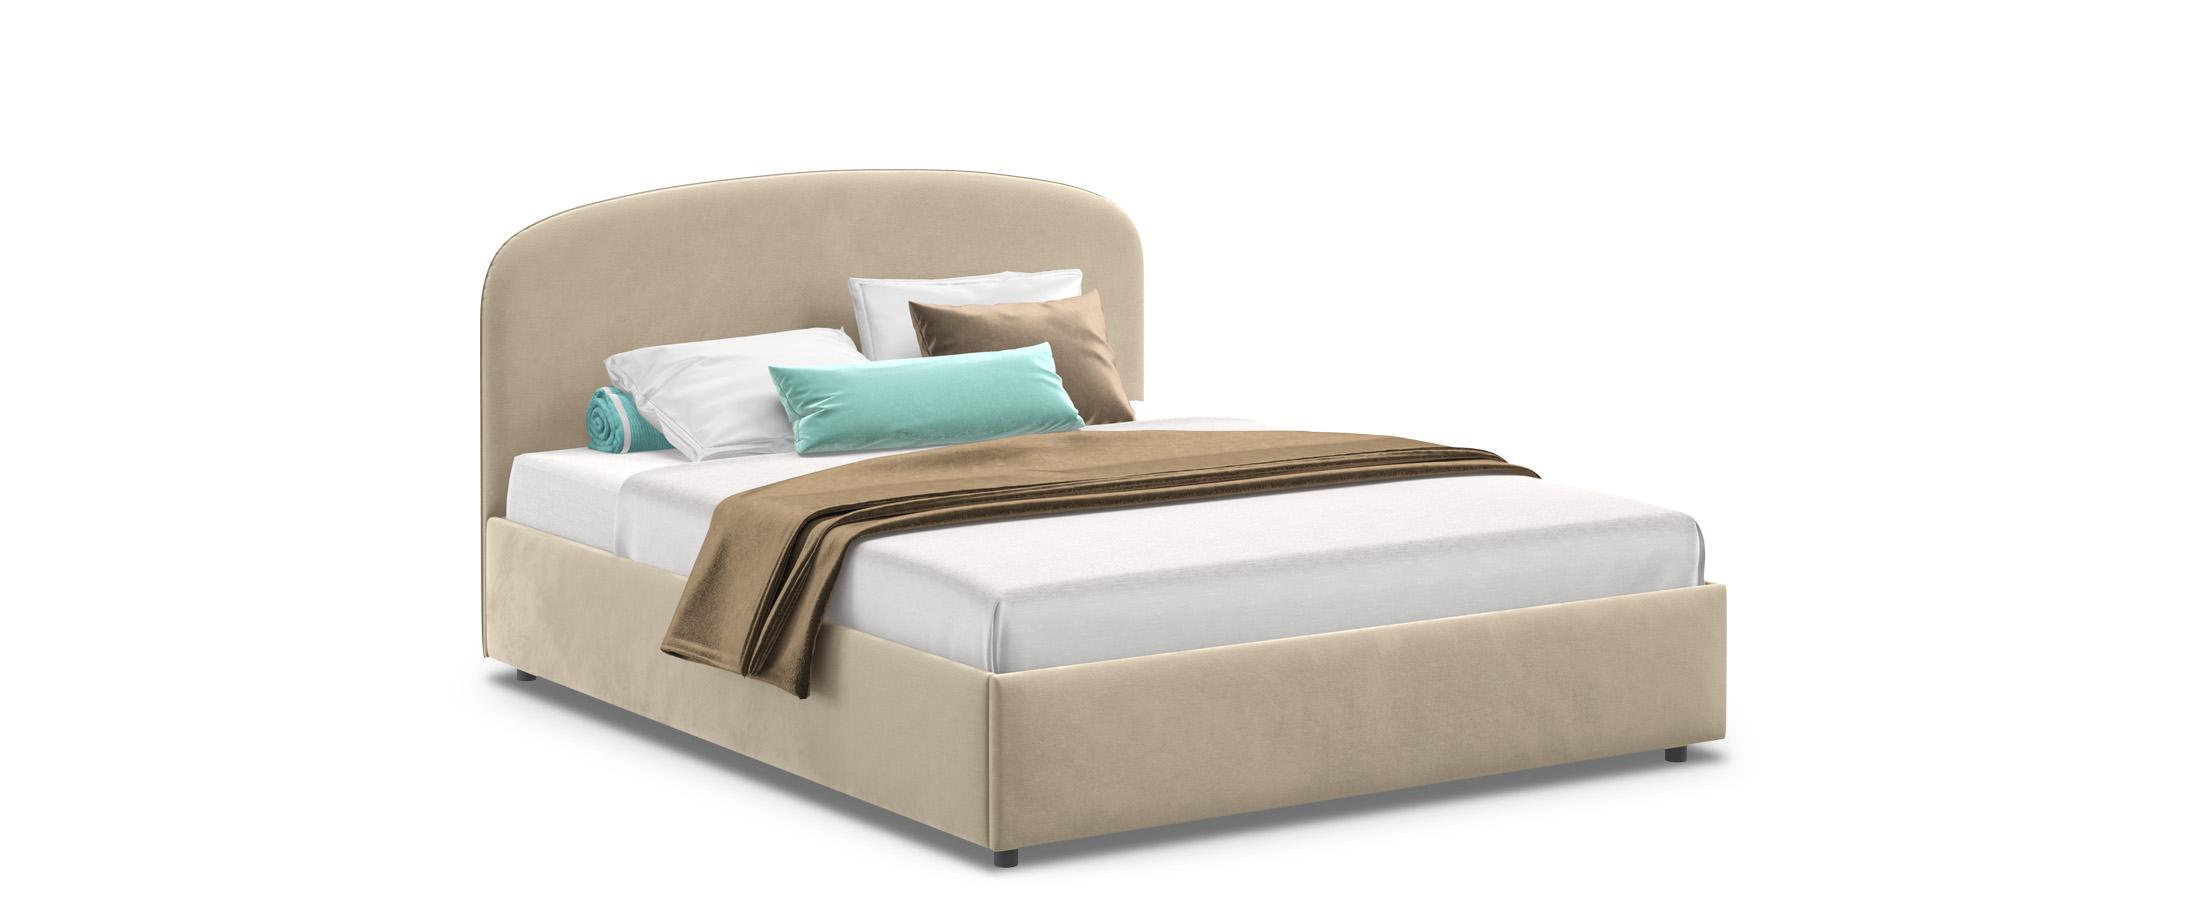 Кровать двуспальная Лия 140х200 Модель 1205Кровать Лия – воплощение мягкости, простора и удобства. Воздушность формы, изящно изогнутая спинка и оригинальный кант на изголовье подчеркнут стиль вашей комнаты.